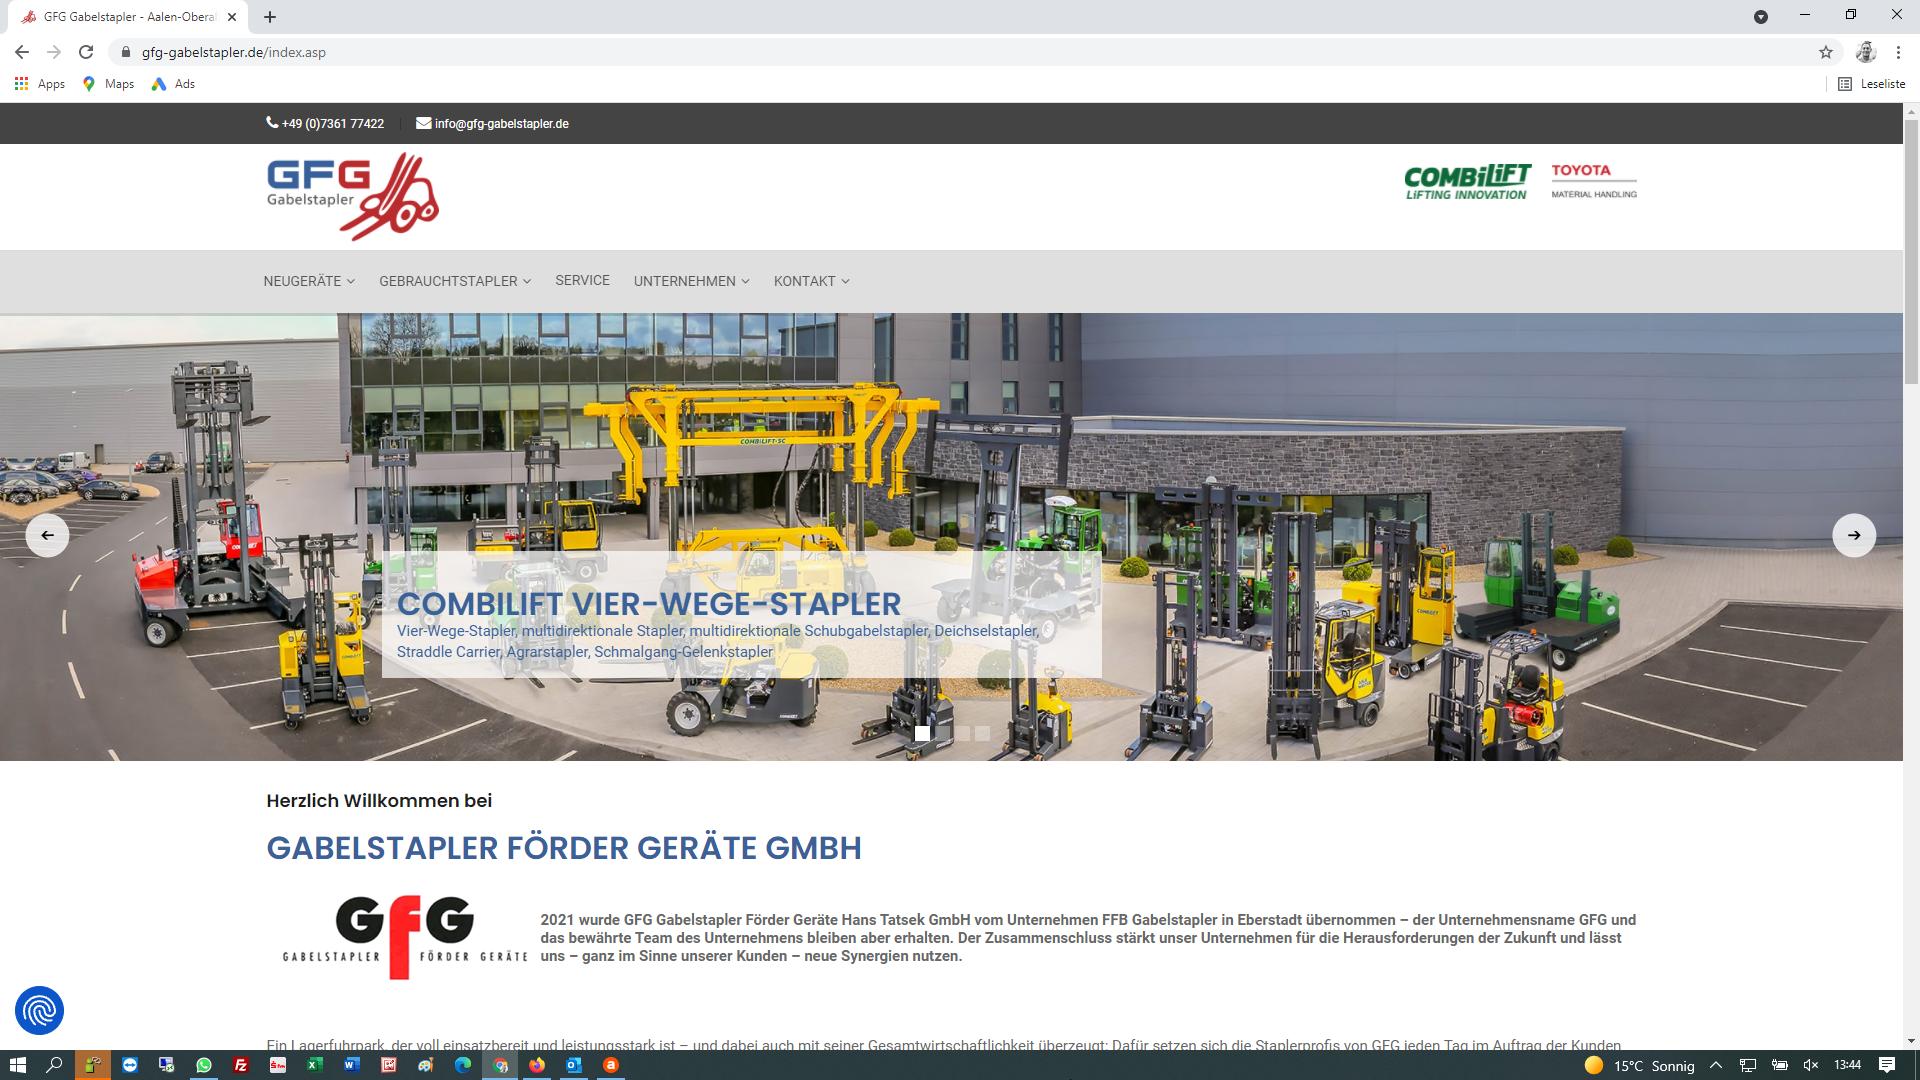 Gabelstapler Förder Geräte GmbH